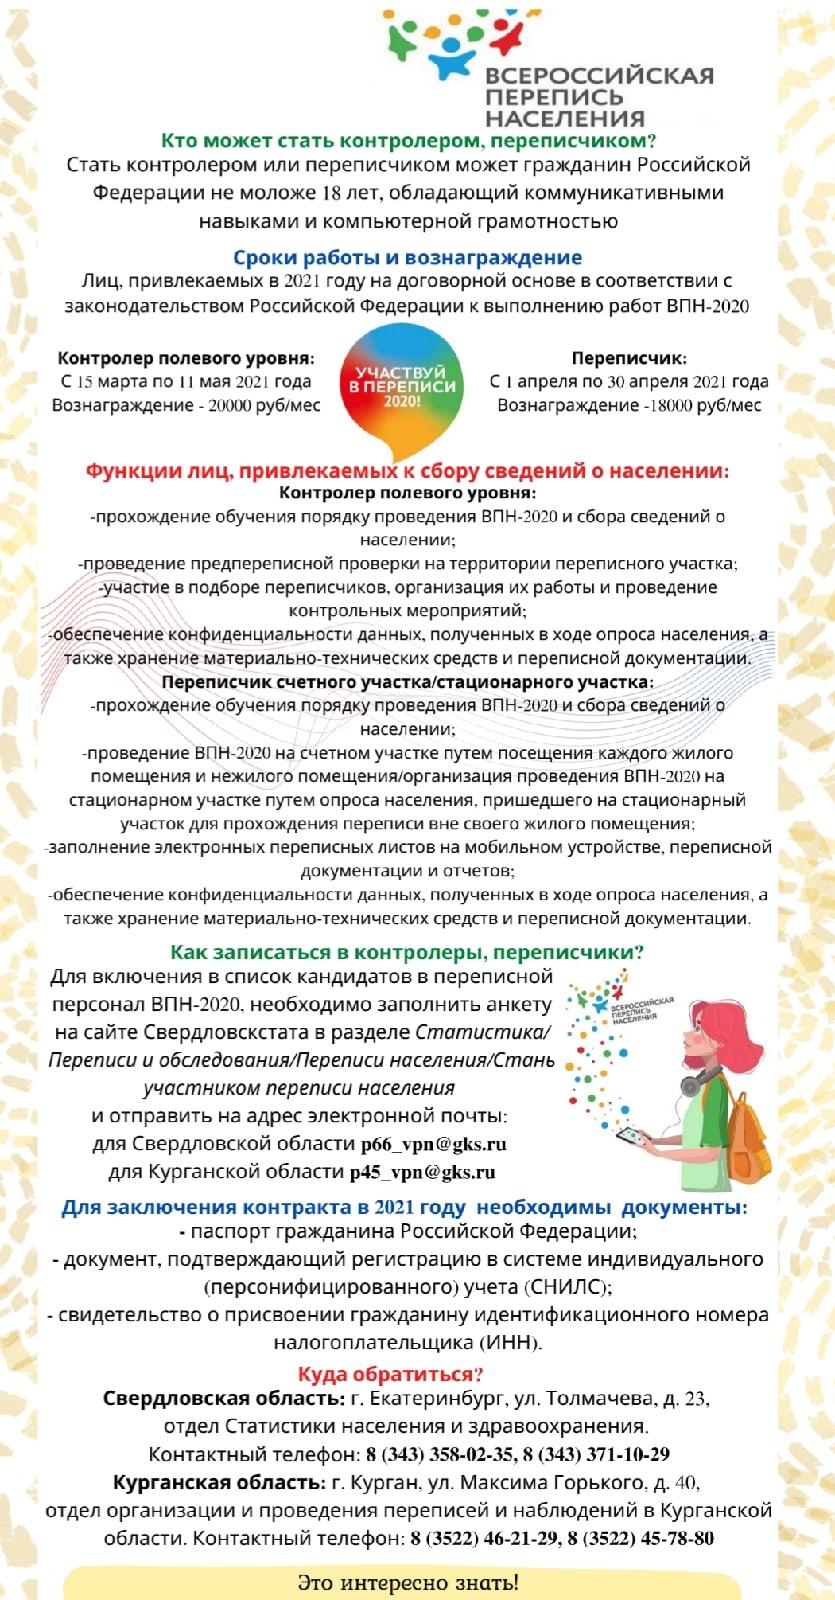 Команда Всероссийской переписи населения приглашает переписчиков и контролеров